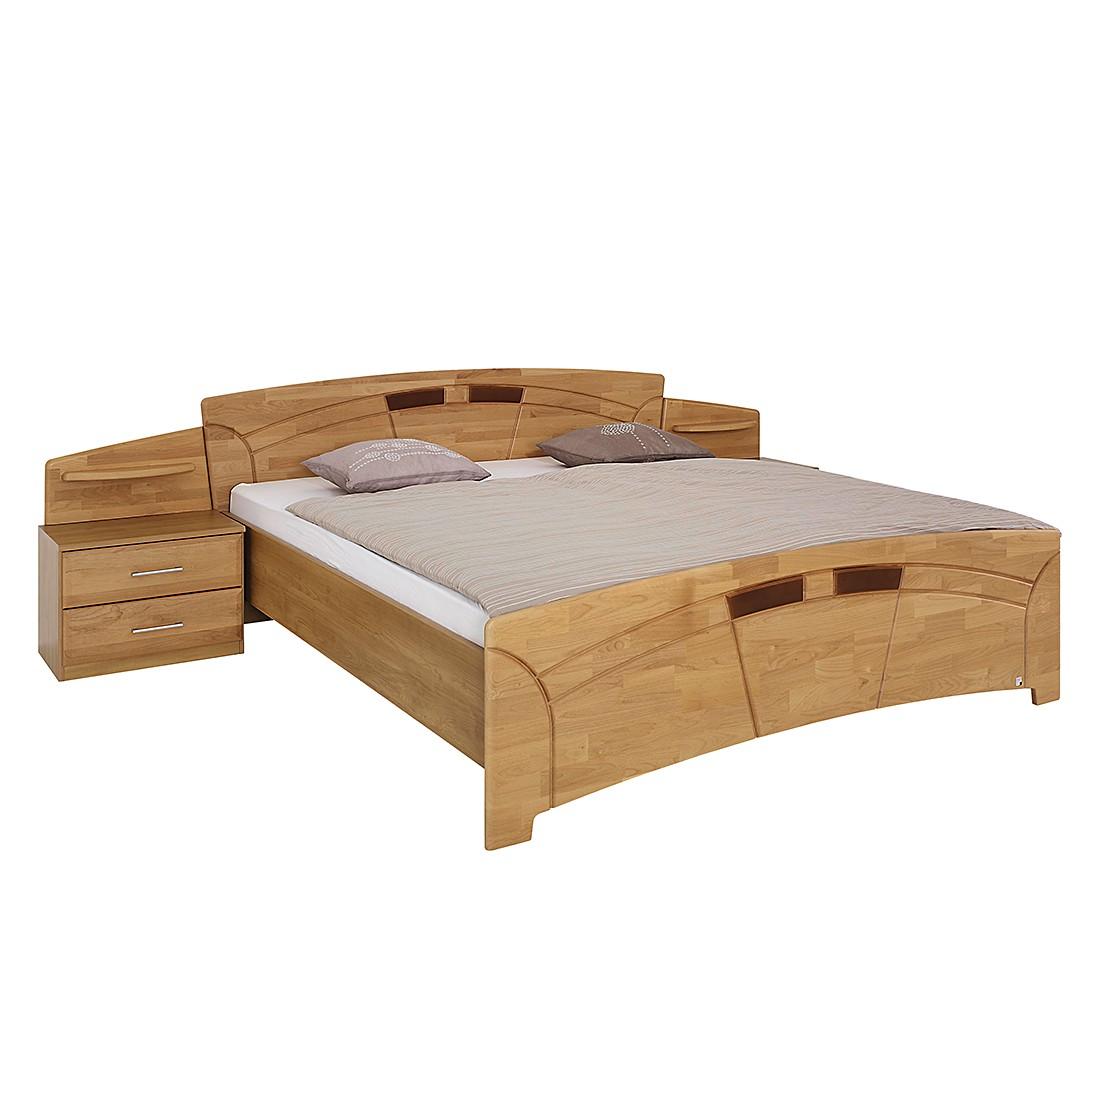 goedkoop Bed met nachtkastjes Sarah I deels massief elzenhout gelakt ligoppervlak: 180x200cm incl. Rauch Steffen